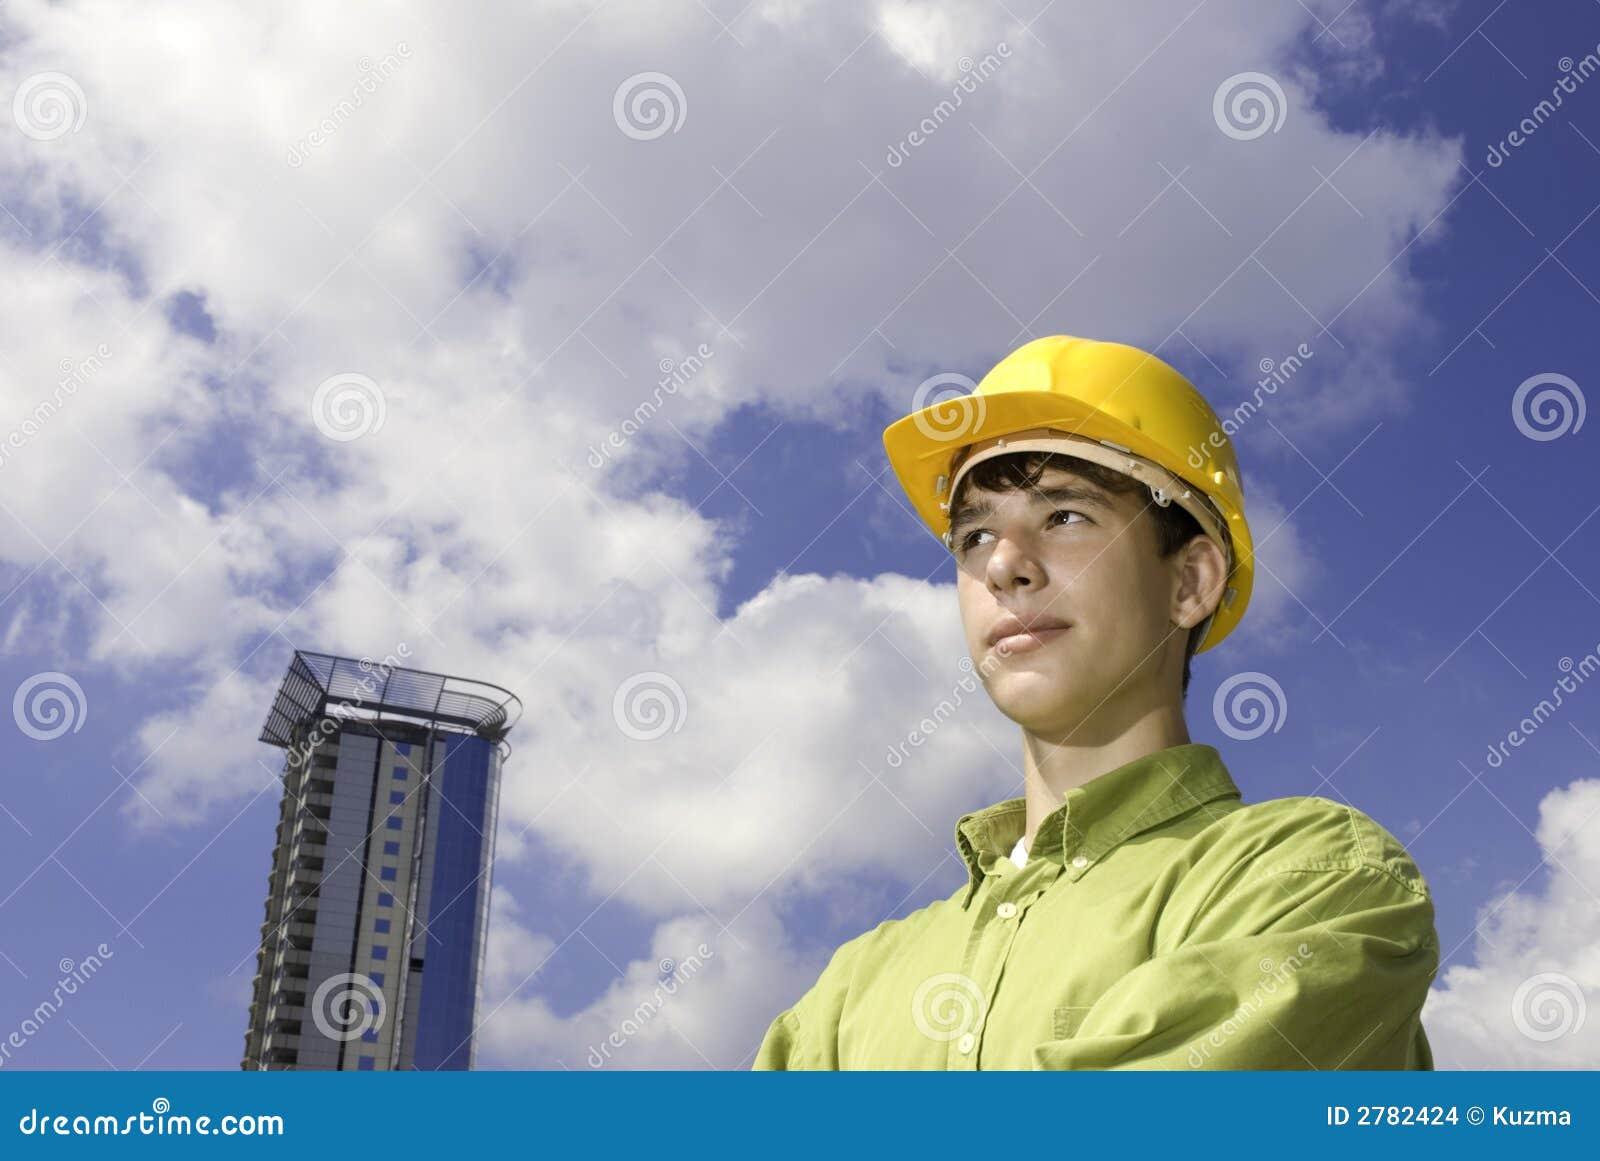 Constructorbarn